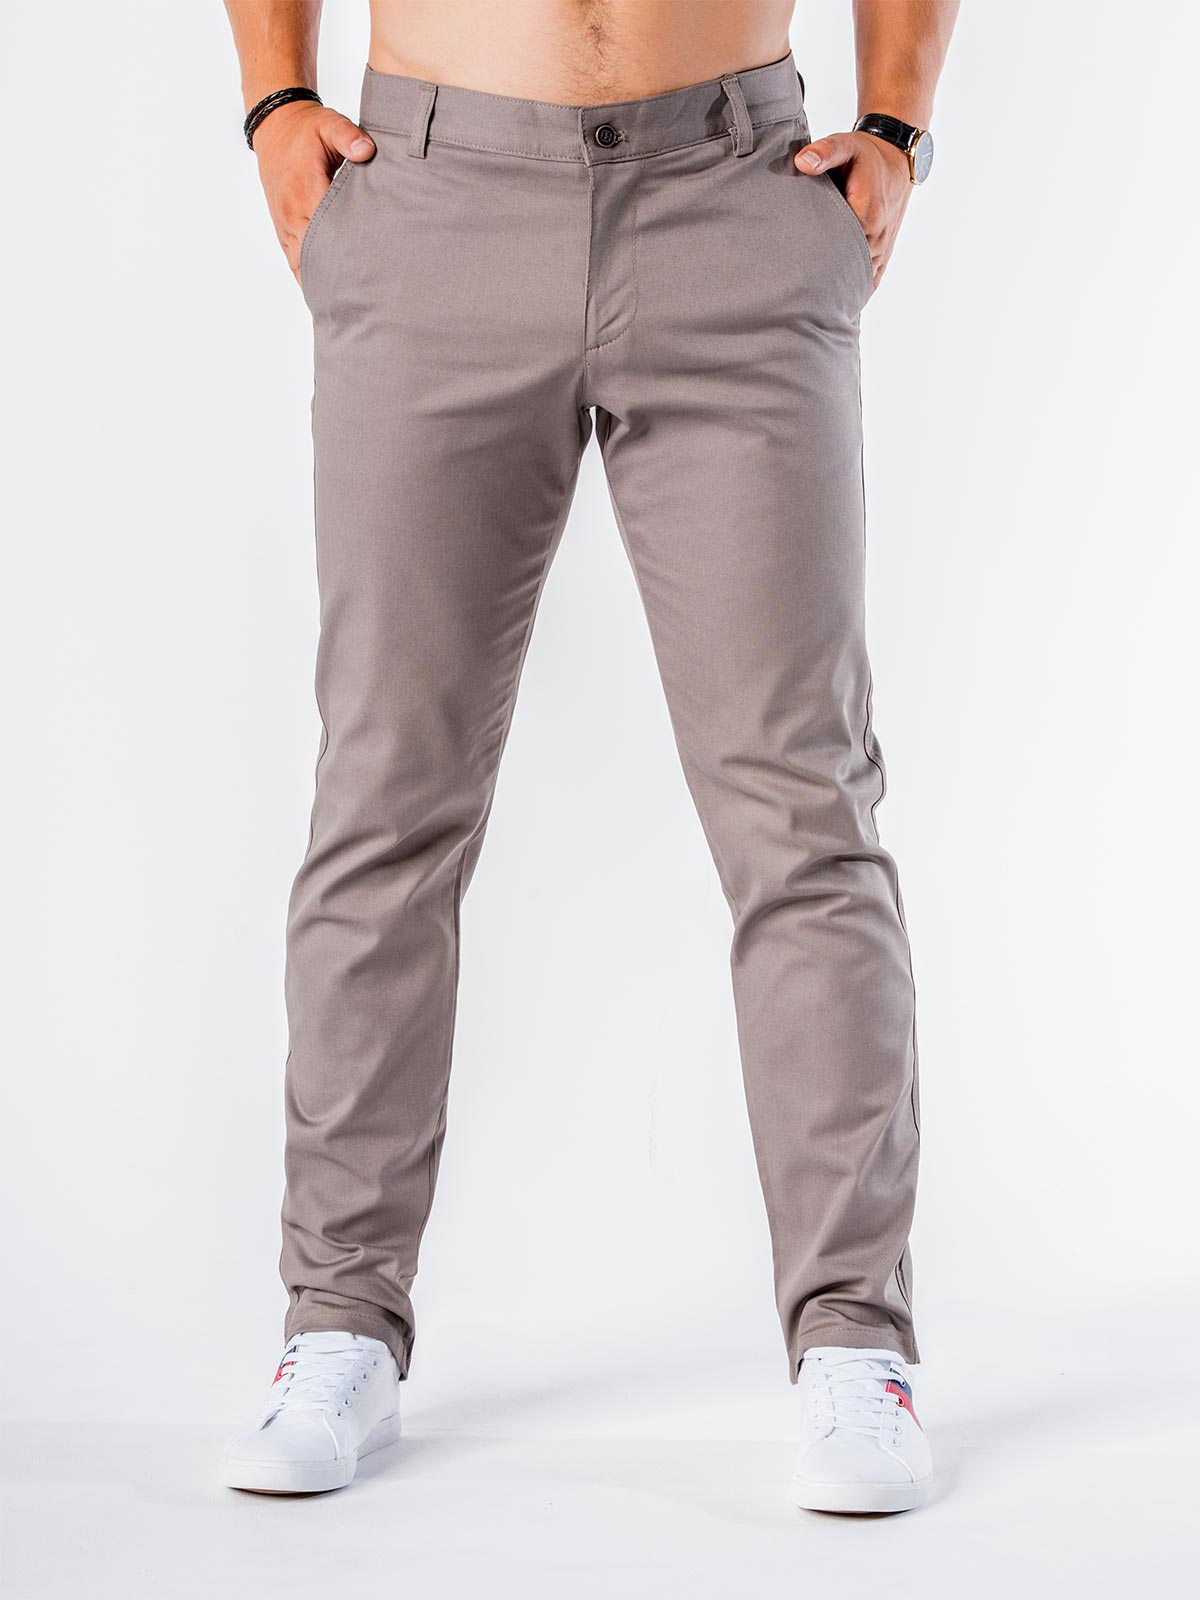 d5fc72e779a35 Spodnie męskie chino 546P - szare szary   Odzież \ Spodnie \ Wszystkie  Odzież \ Spodnie \ Pozostałe - Edoti.com